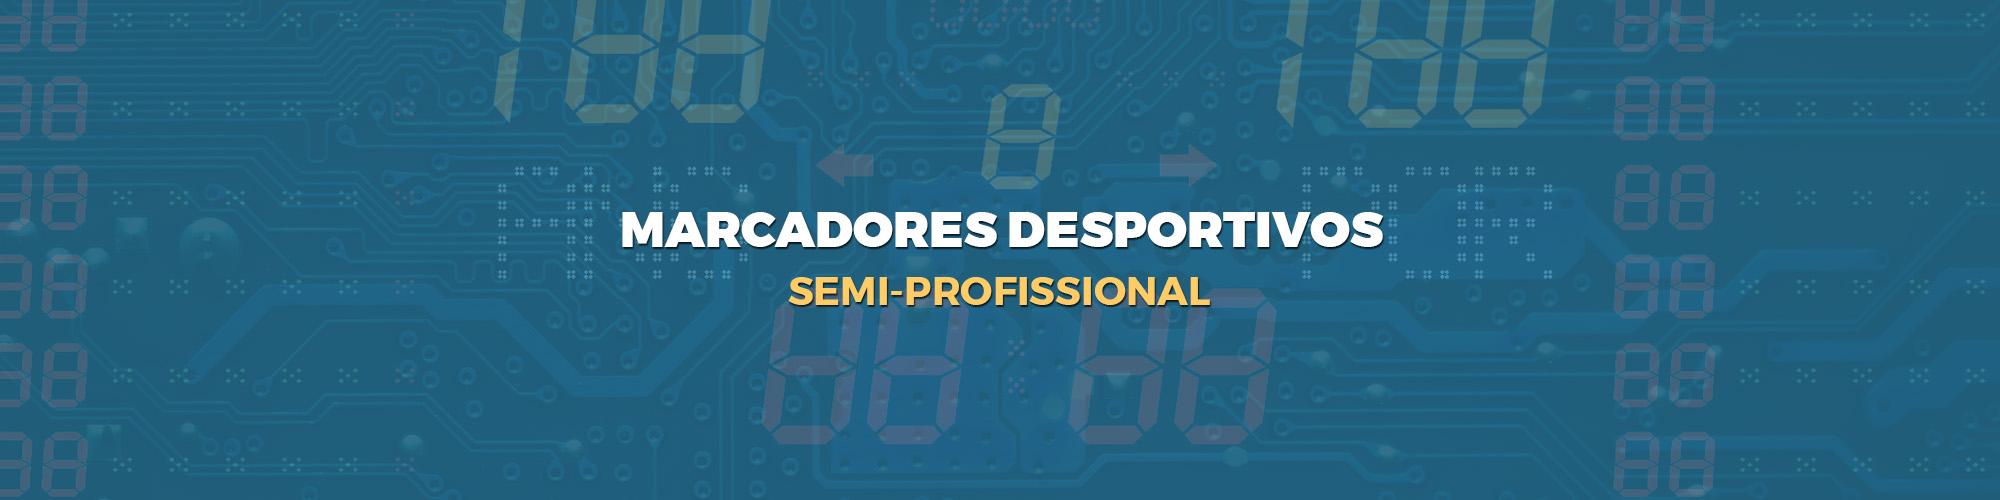 marcadores desportivos - Semi-Profissional